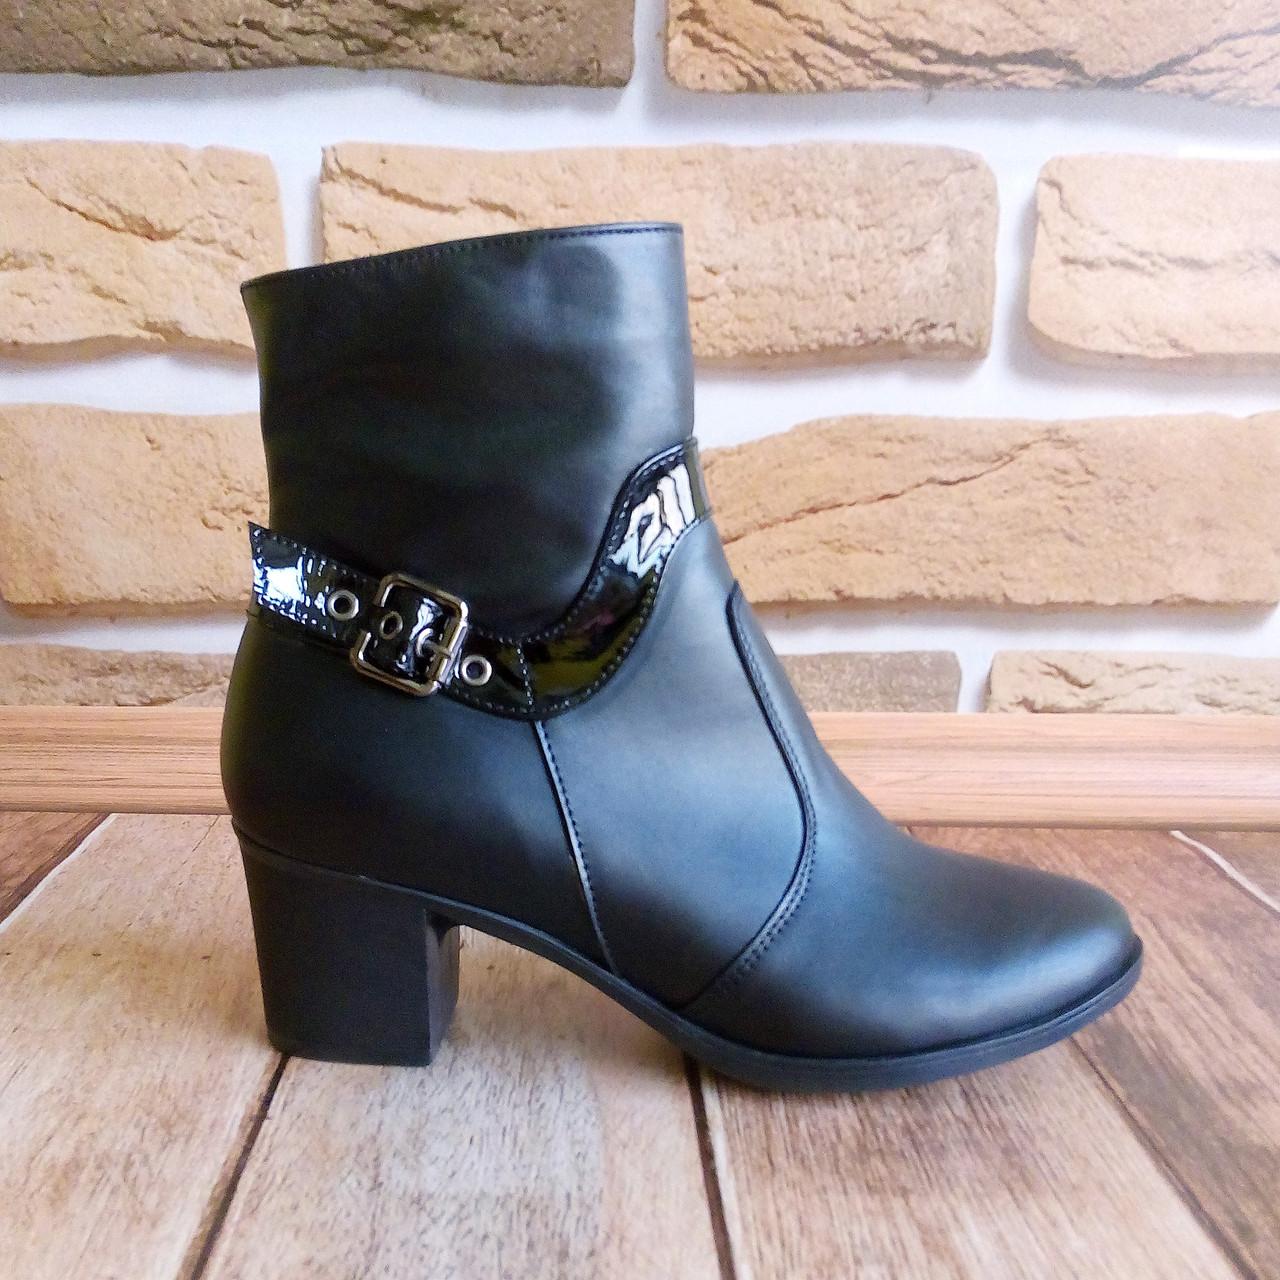 Женская кожаная обувь оптом в украине  продажа, цена в Днепре. ботильоны,  ботинки ... c8d8c3b6a00